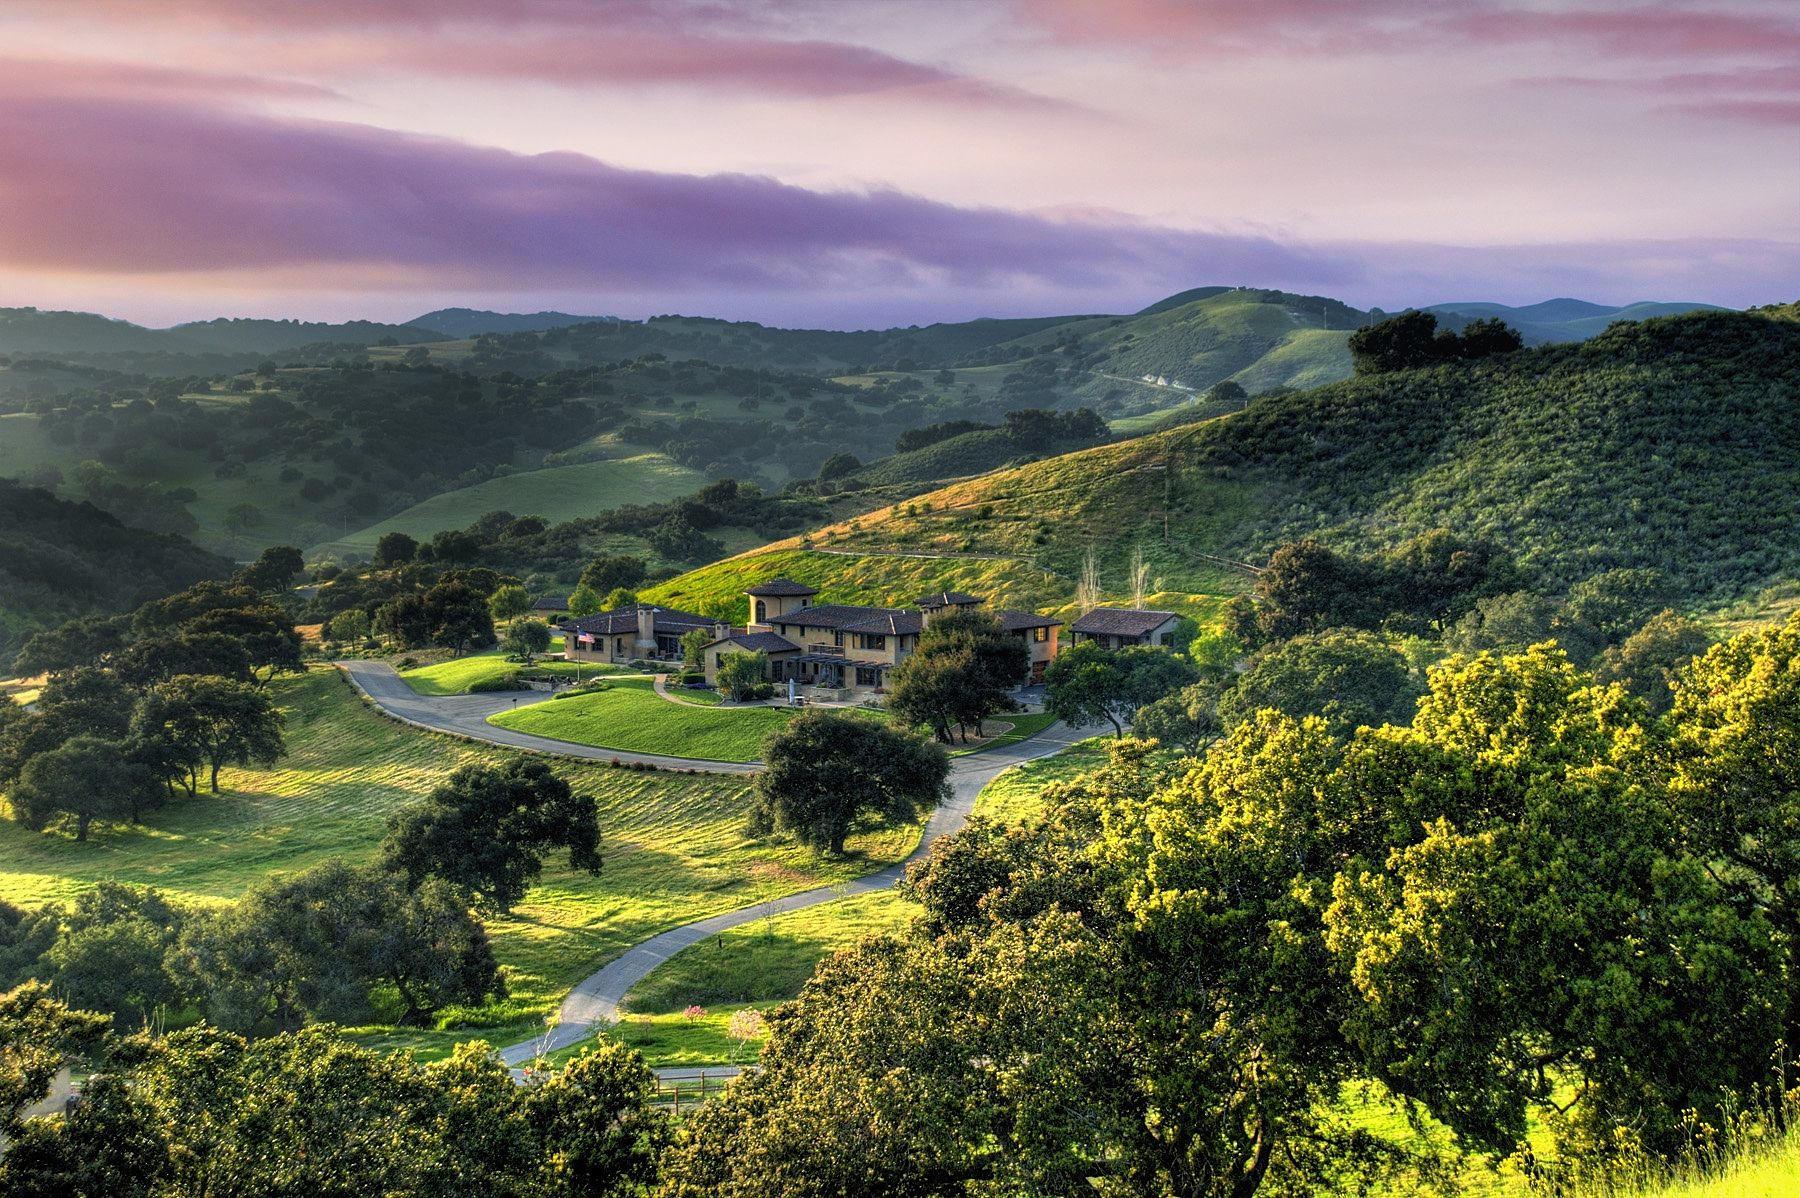 2667 Via De Los Ranchos - Santa Ynez, California